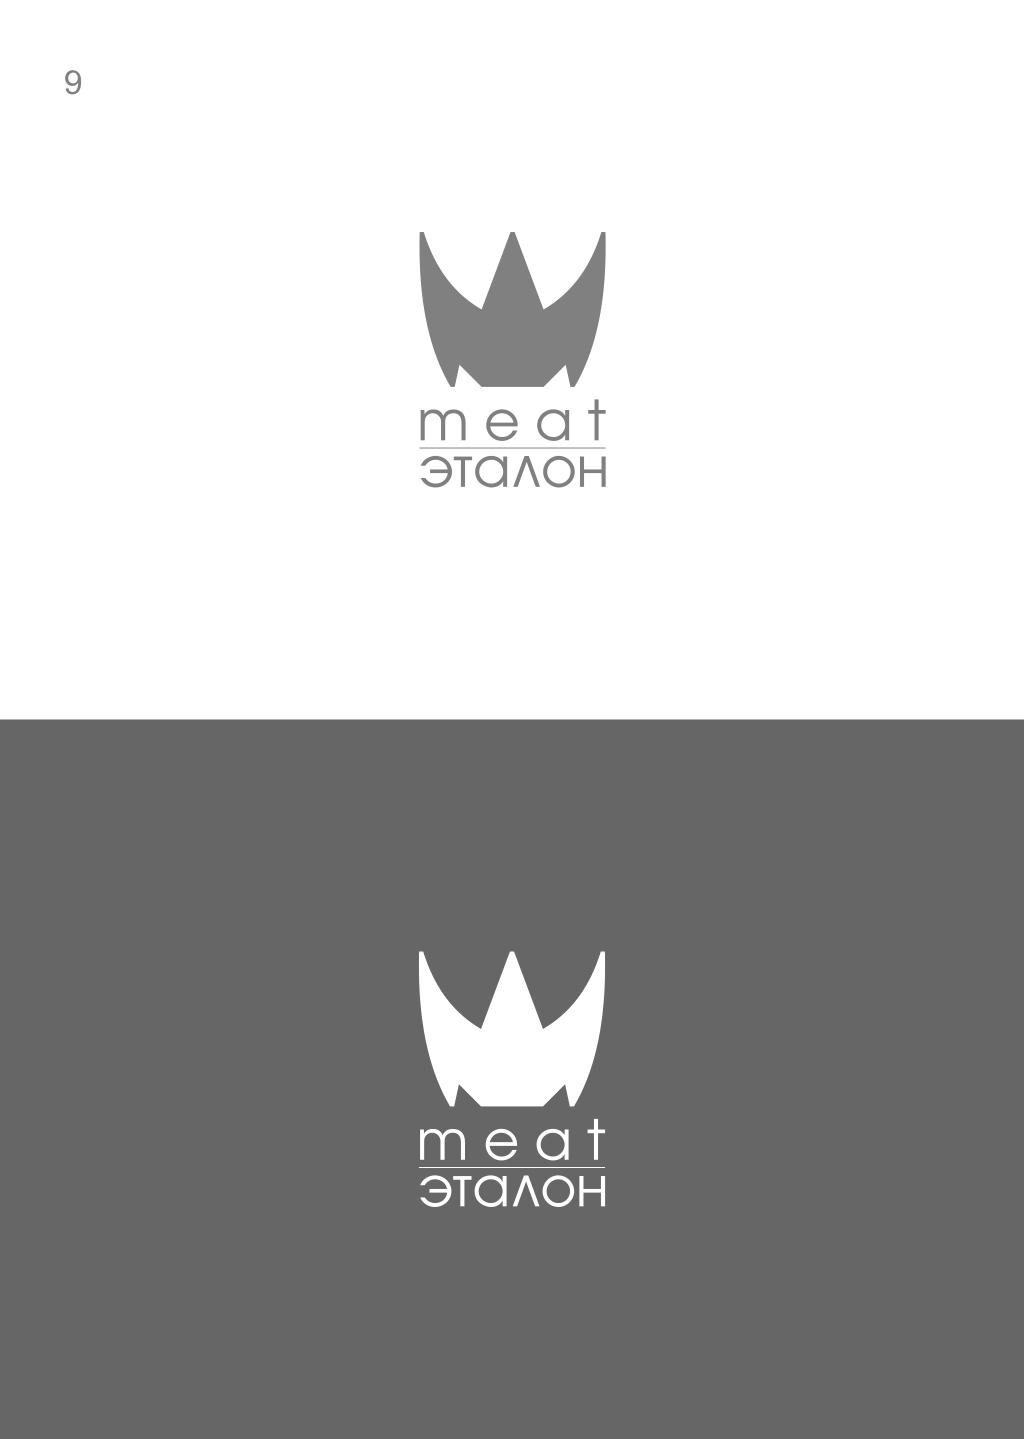 Логотип компании «Meat эталон» фото f_95657041c803a736.jpg